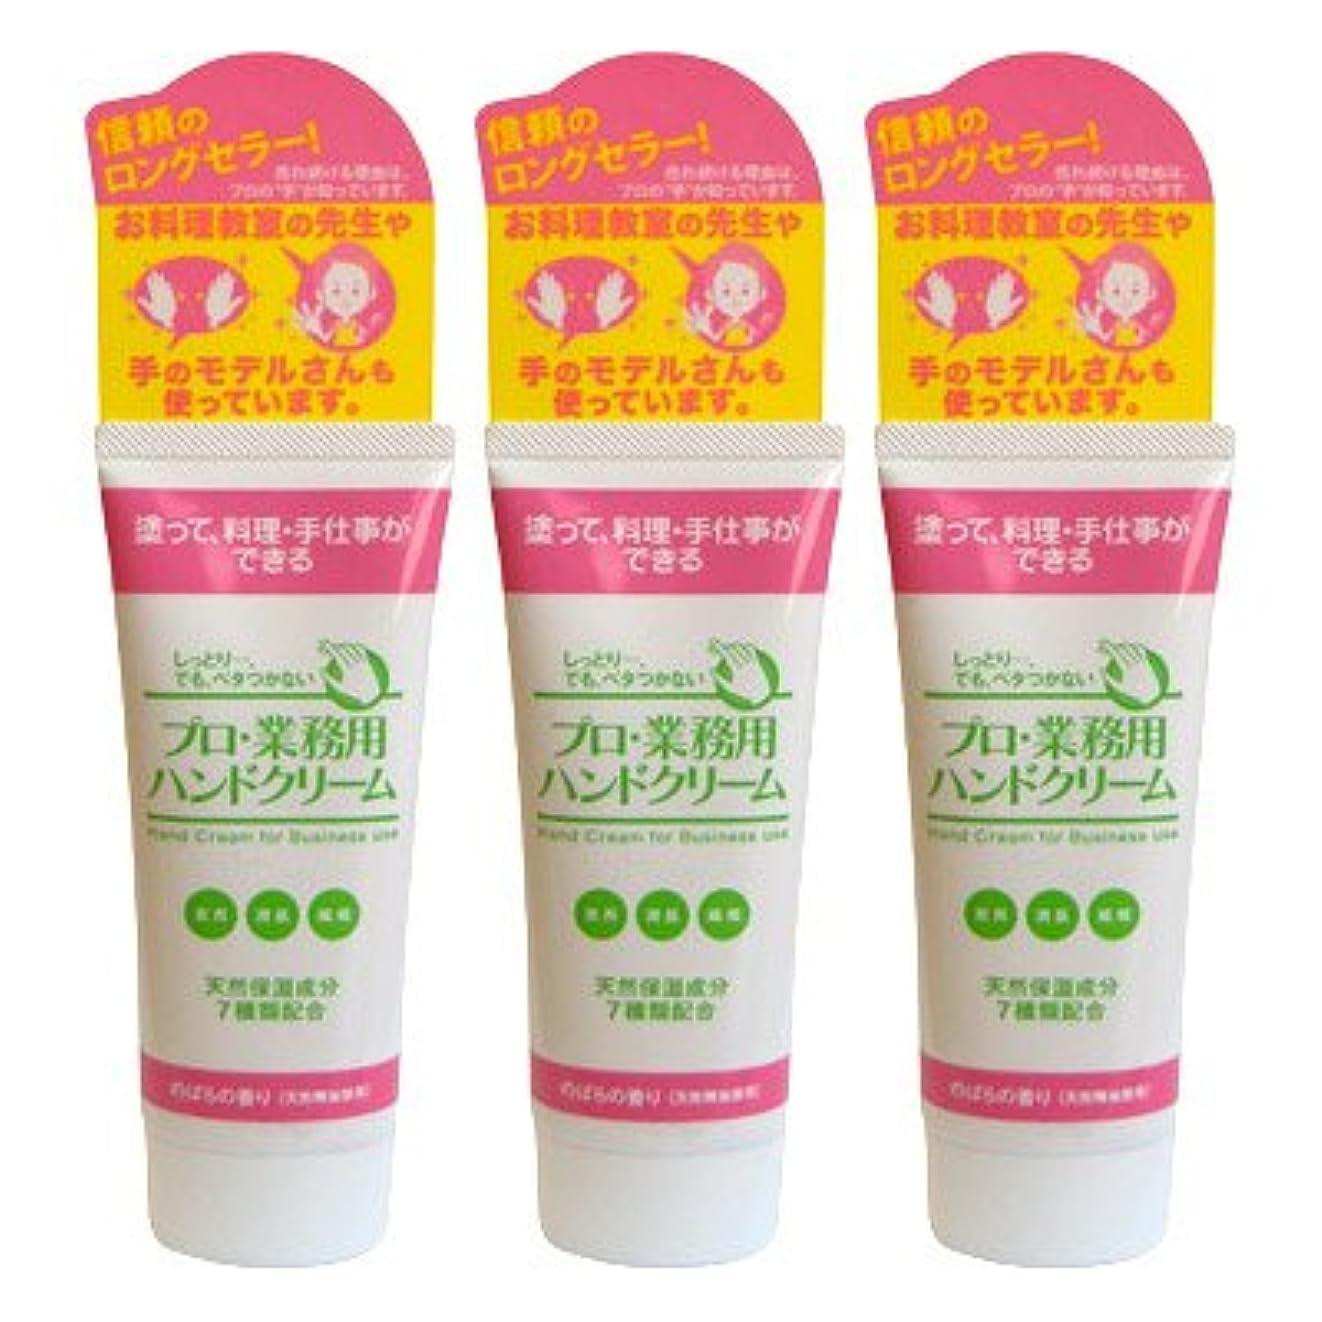 人気件名の配列プロ業務用ハンドクリーム(のばらの香り) 3個セット